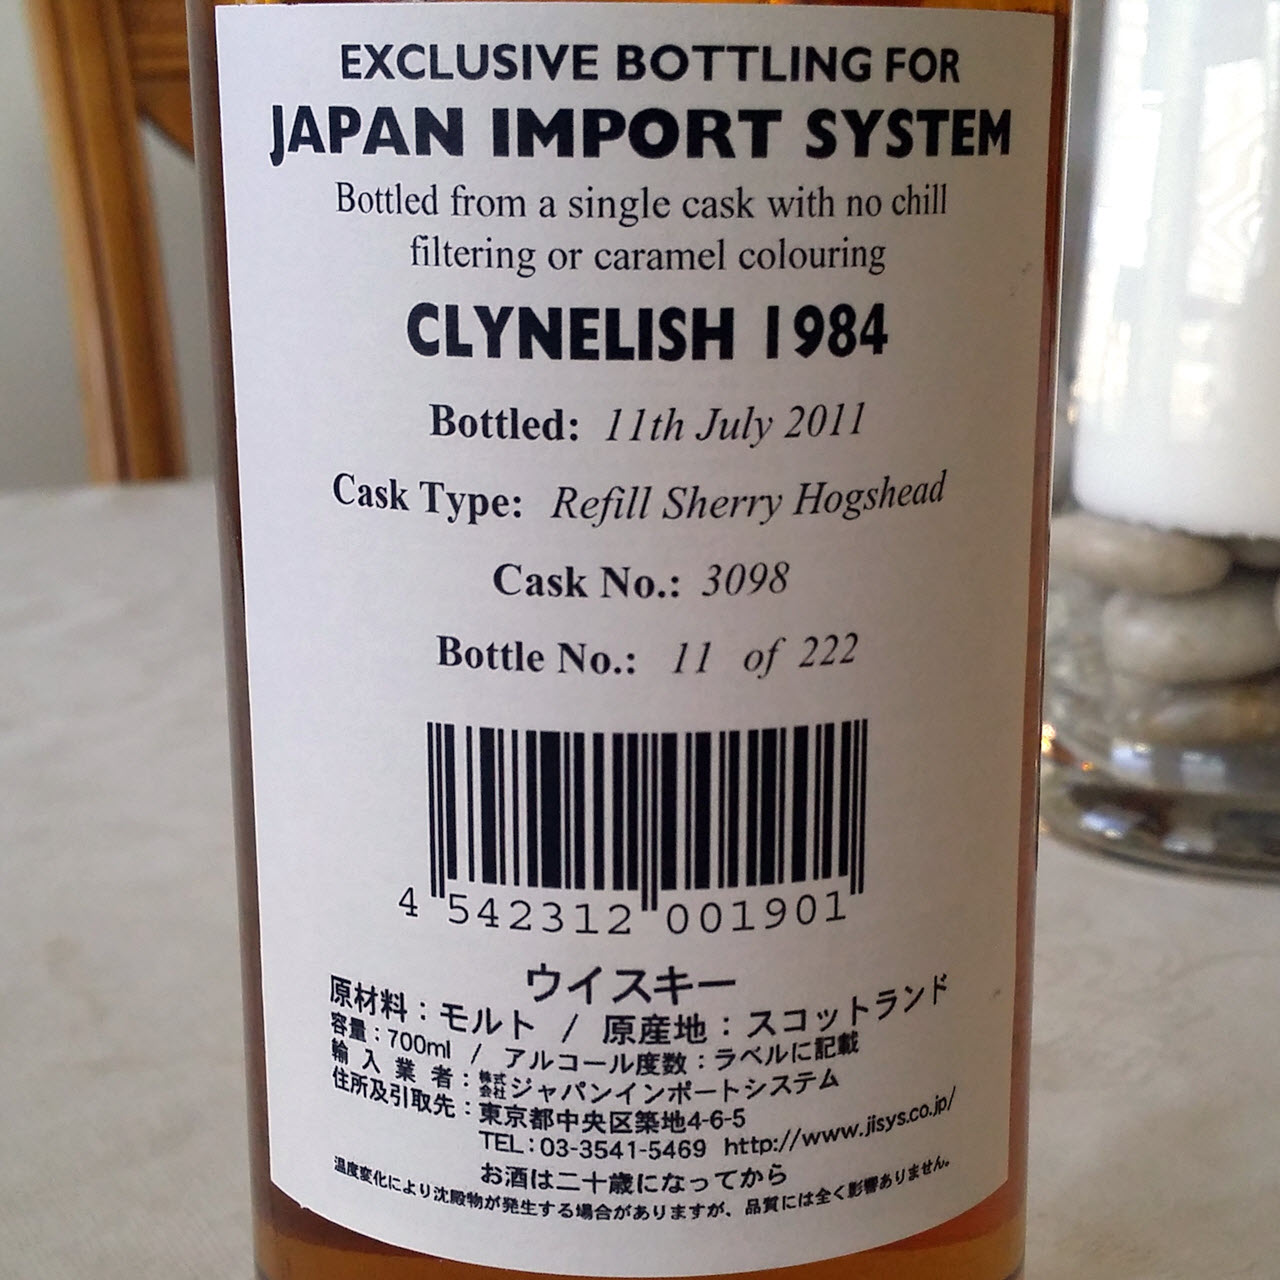 Clynelish 1984 27 YO Exclusive - for JIS - back label